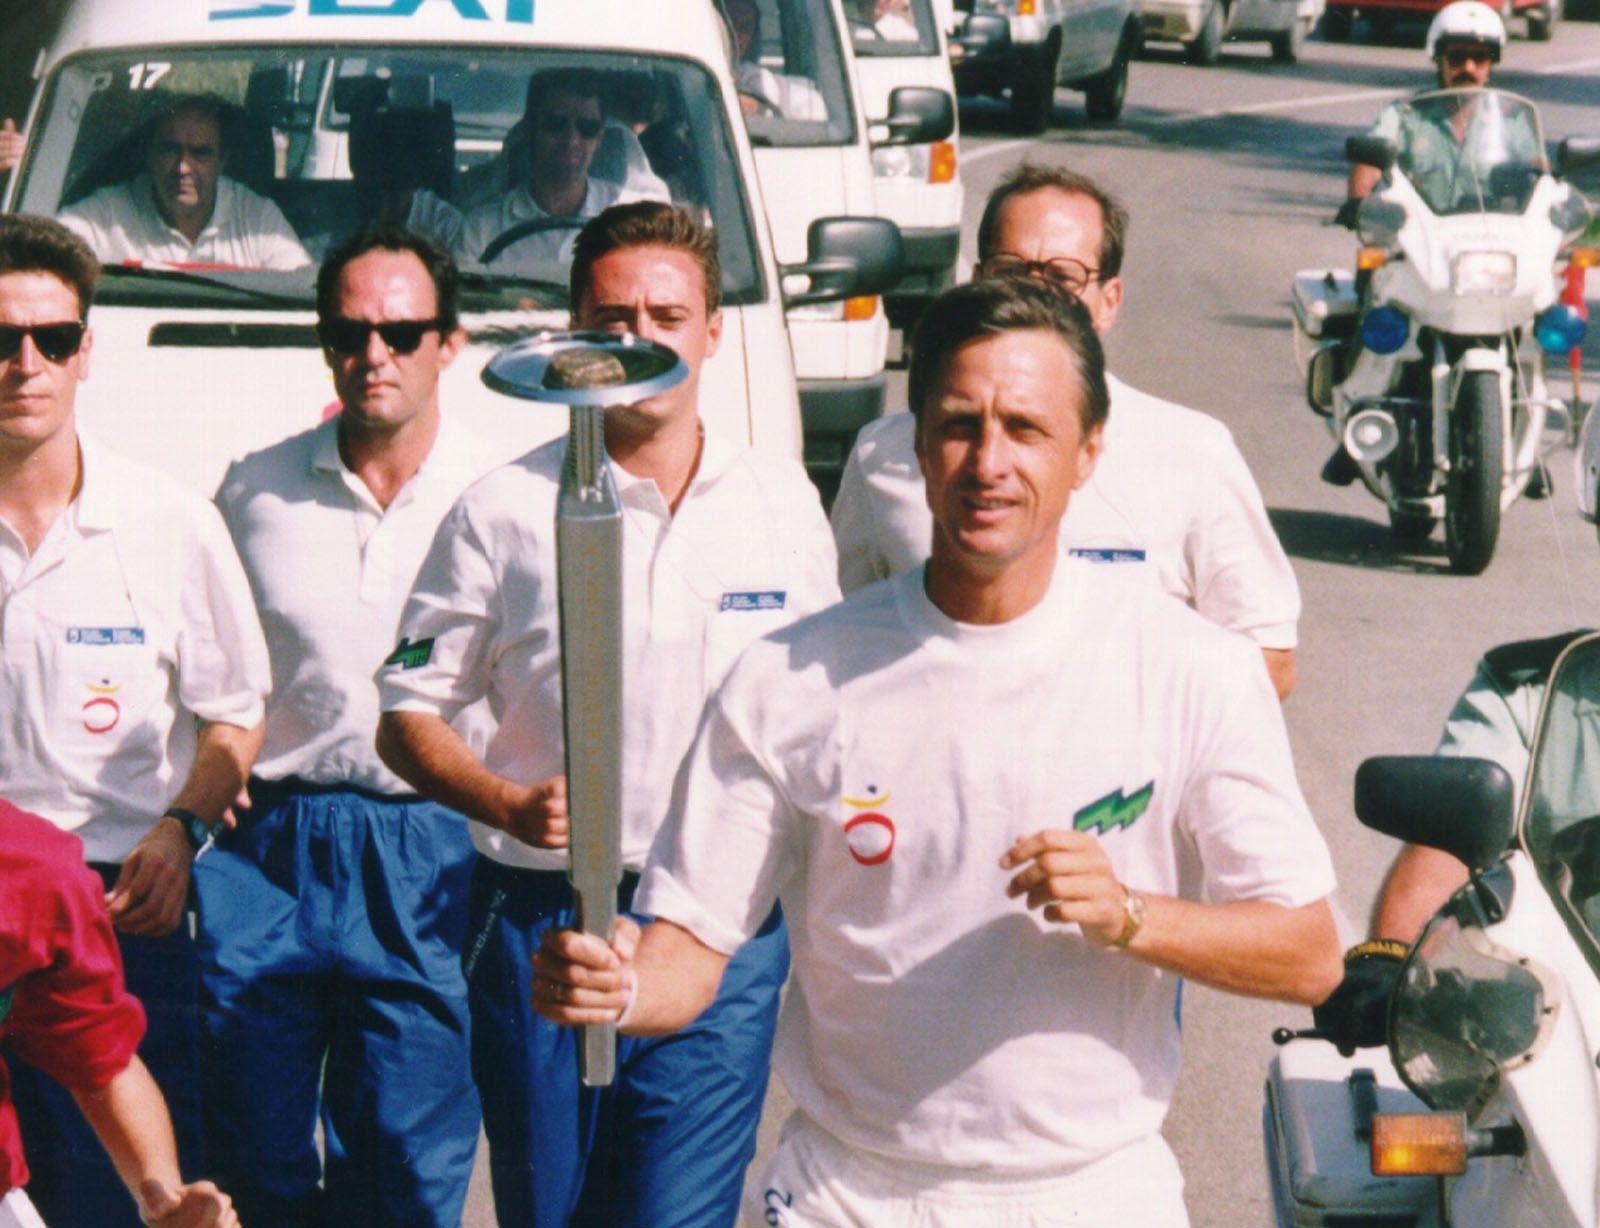 Johan Cruyff també va ser portador de la torxa. Cruyff era entrenador del FC Barcelona. FOTO: Cedida